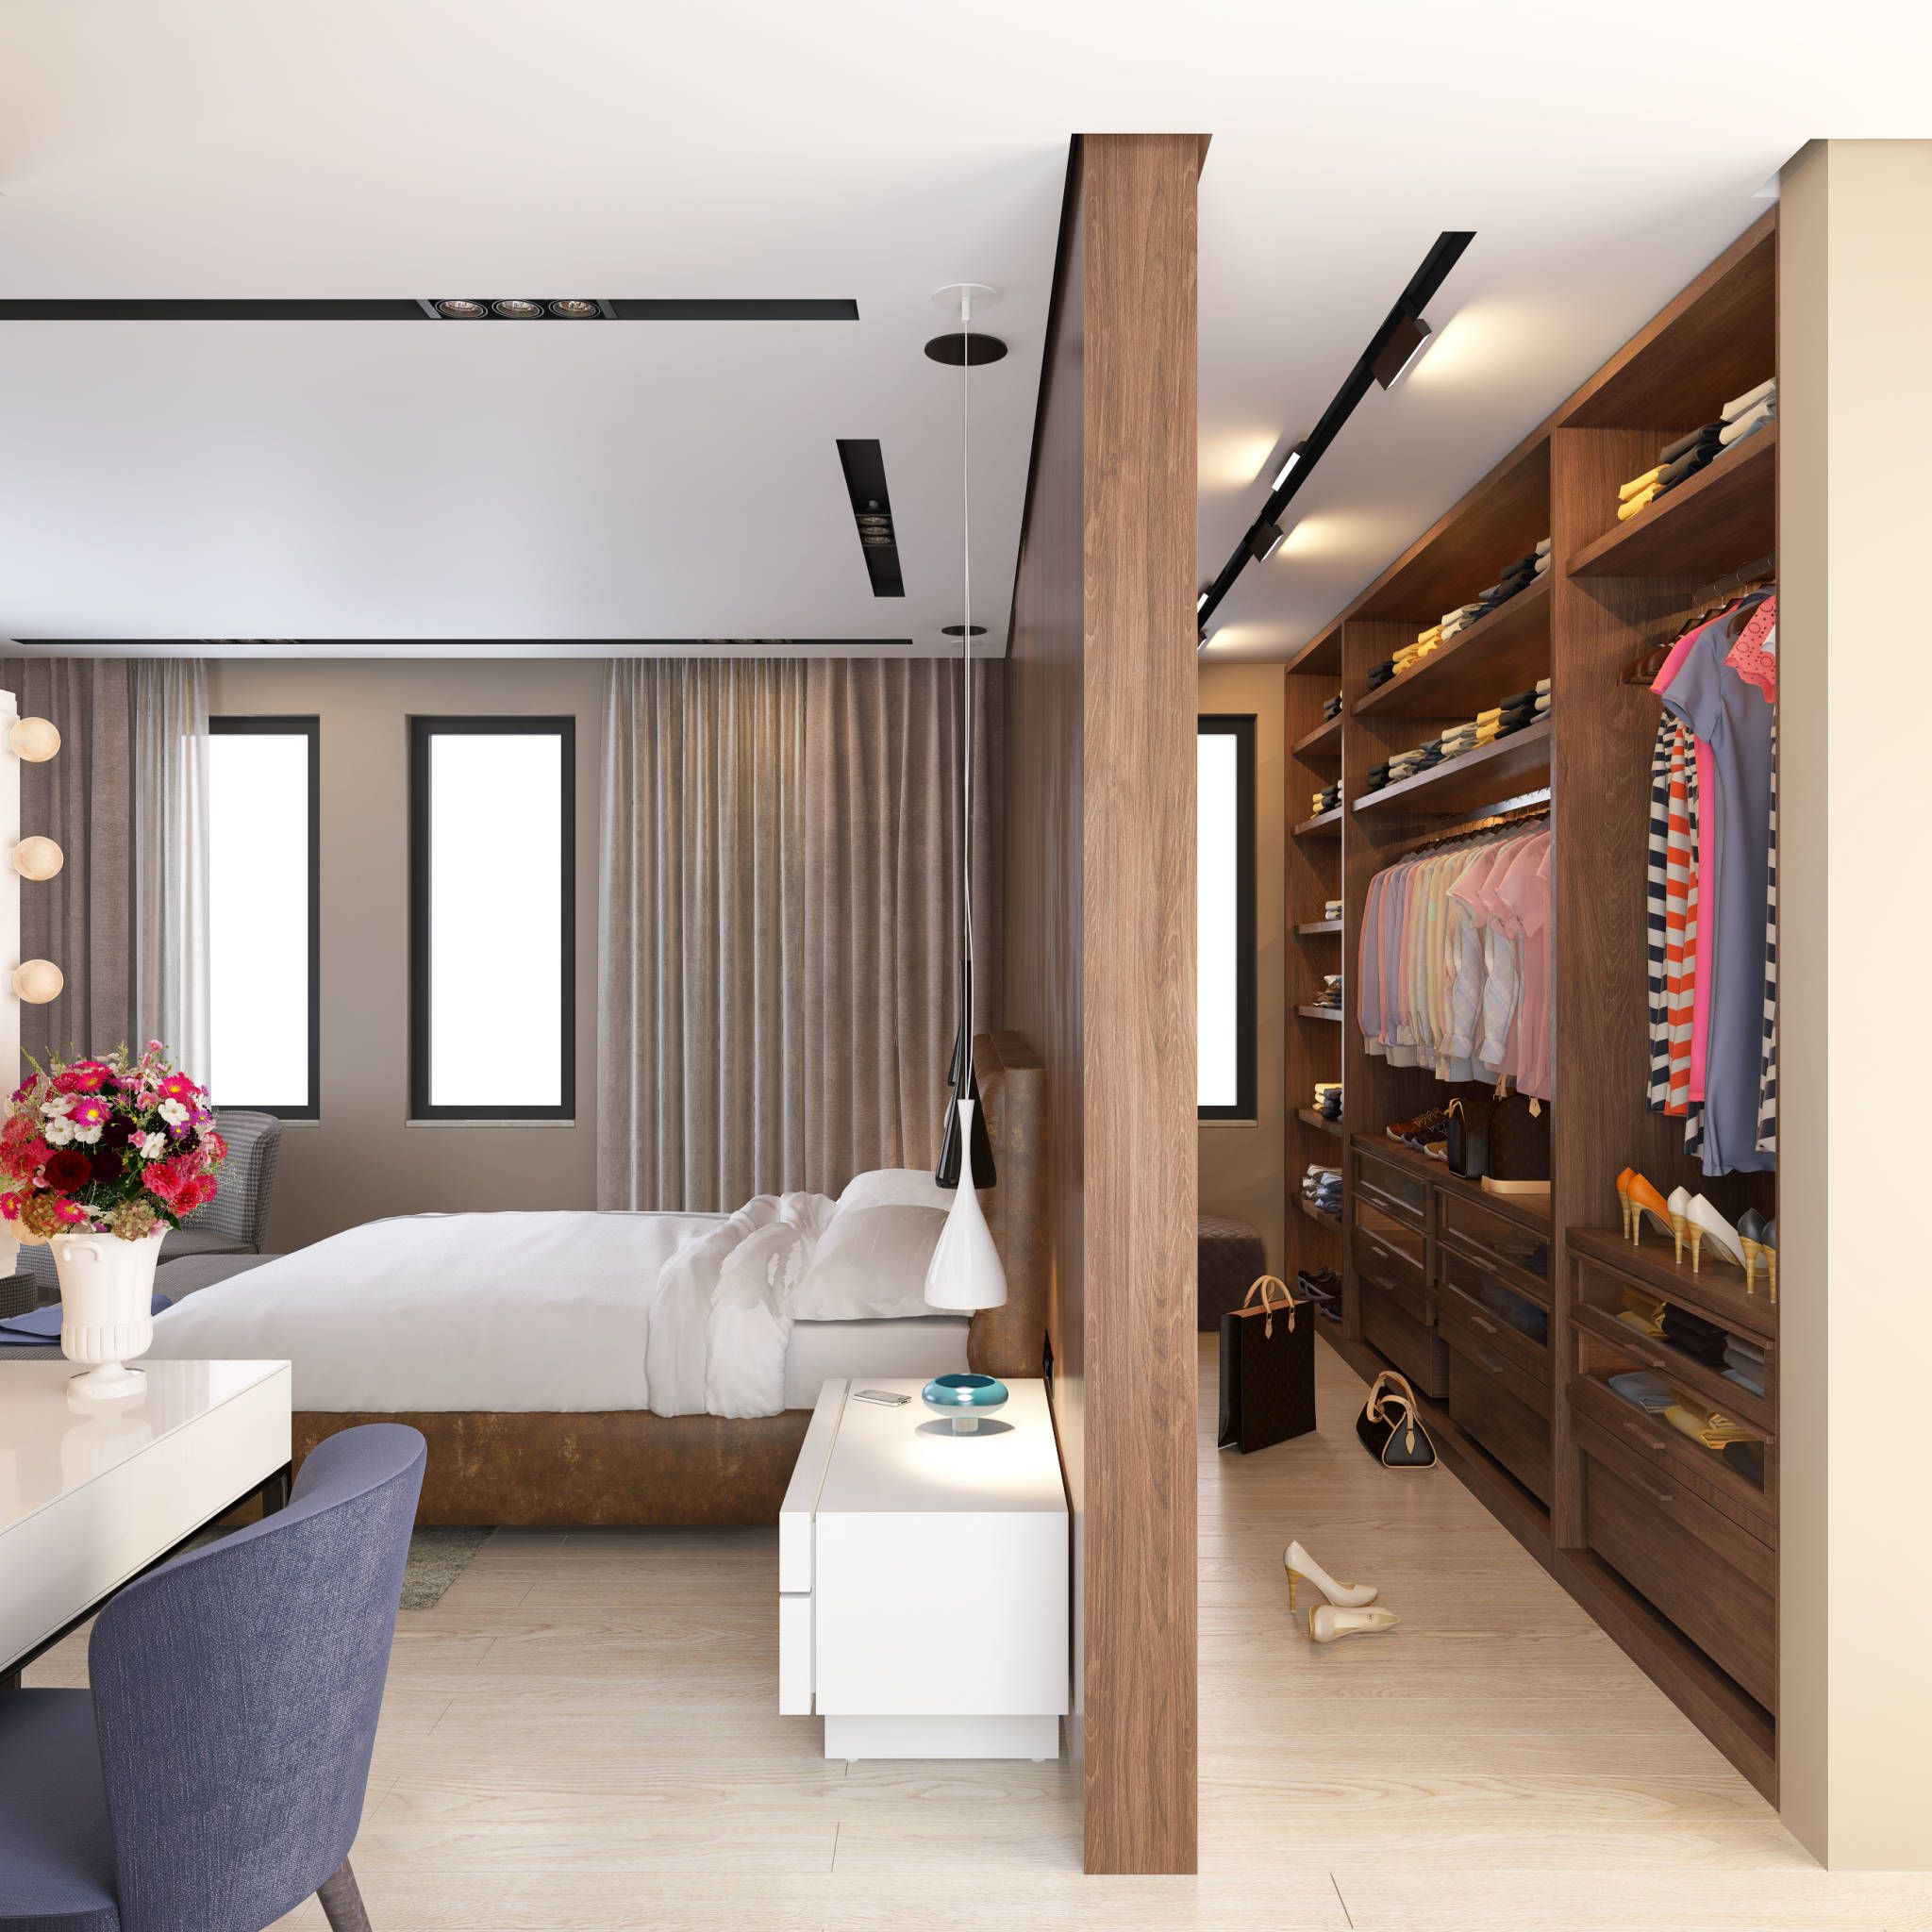 Moderne Schlafzimmer Bilder von fatih beserek | Moderne ...